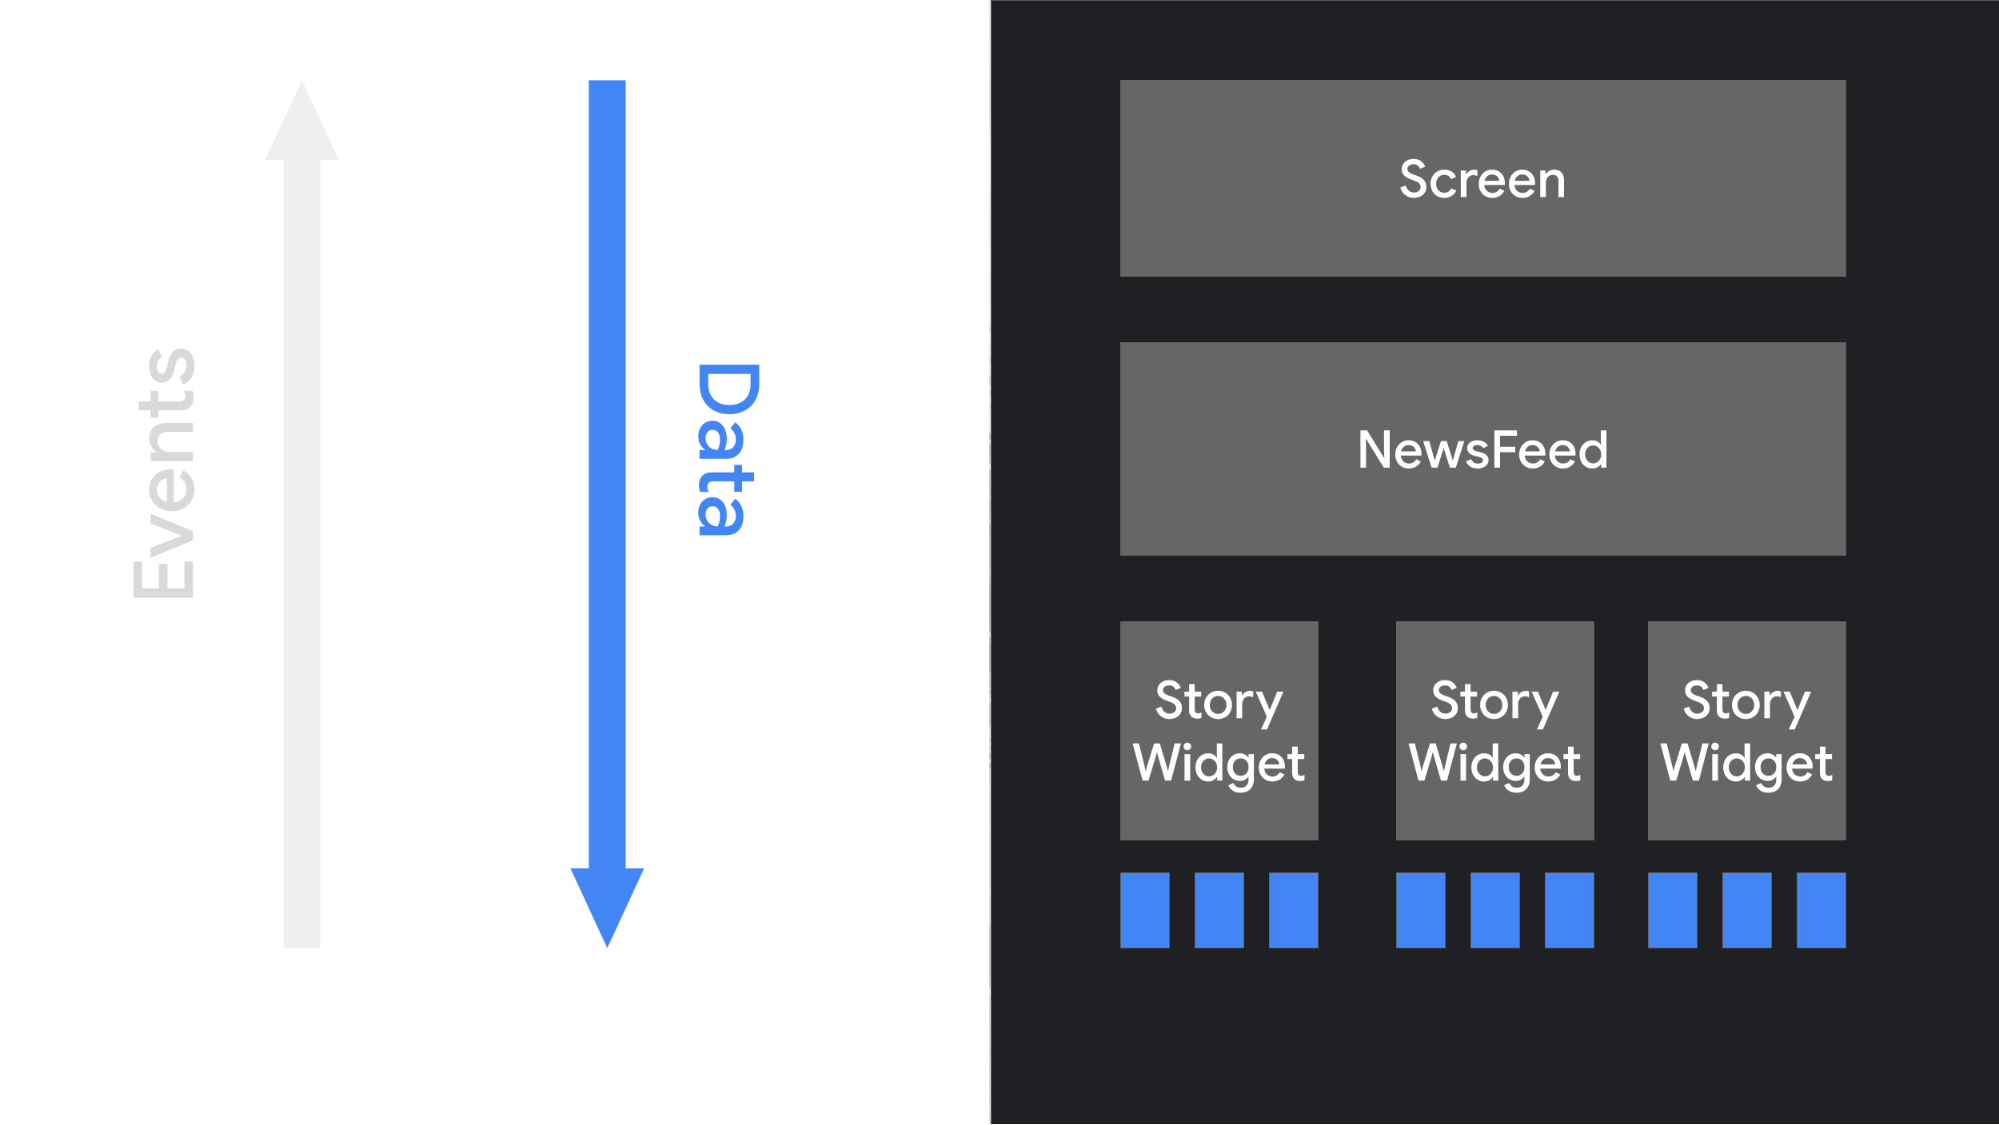 Ilustración del flujo de datos en una IU de Compose, desde los objetos de nivel superior hasta sus elementos secundarios.